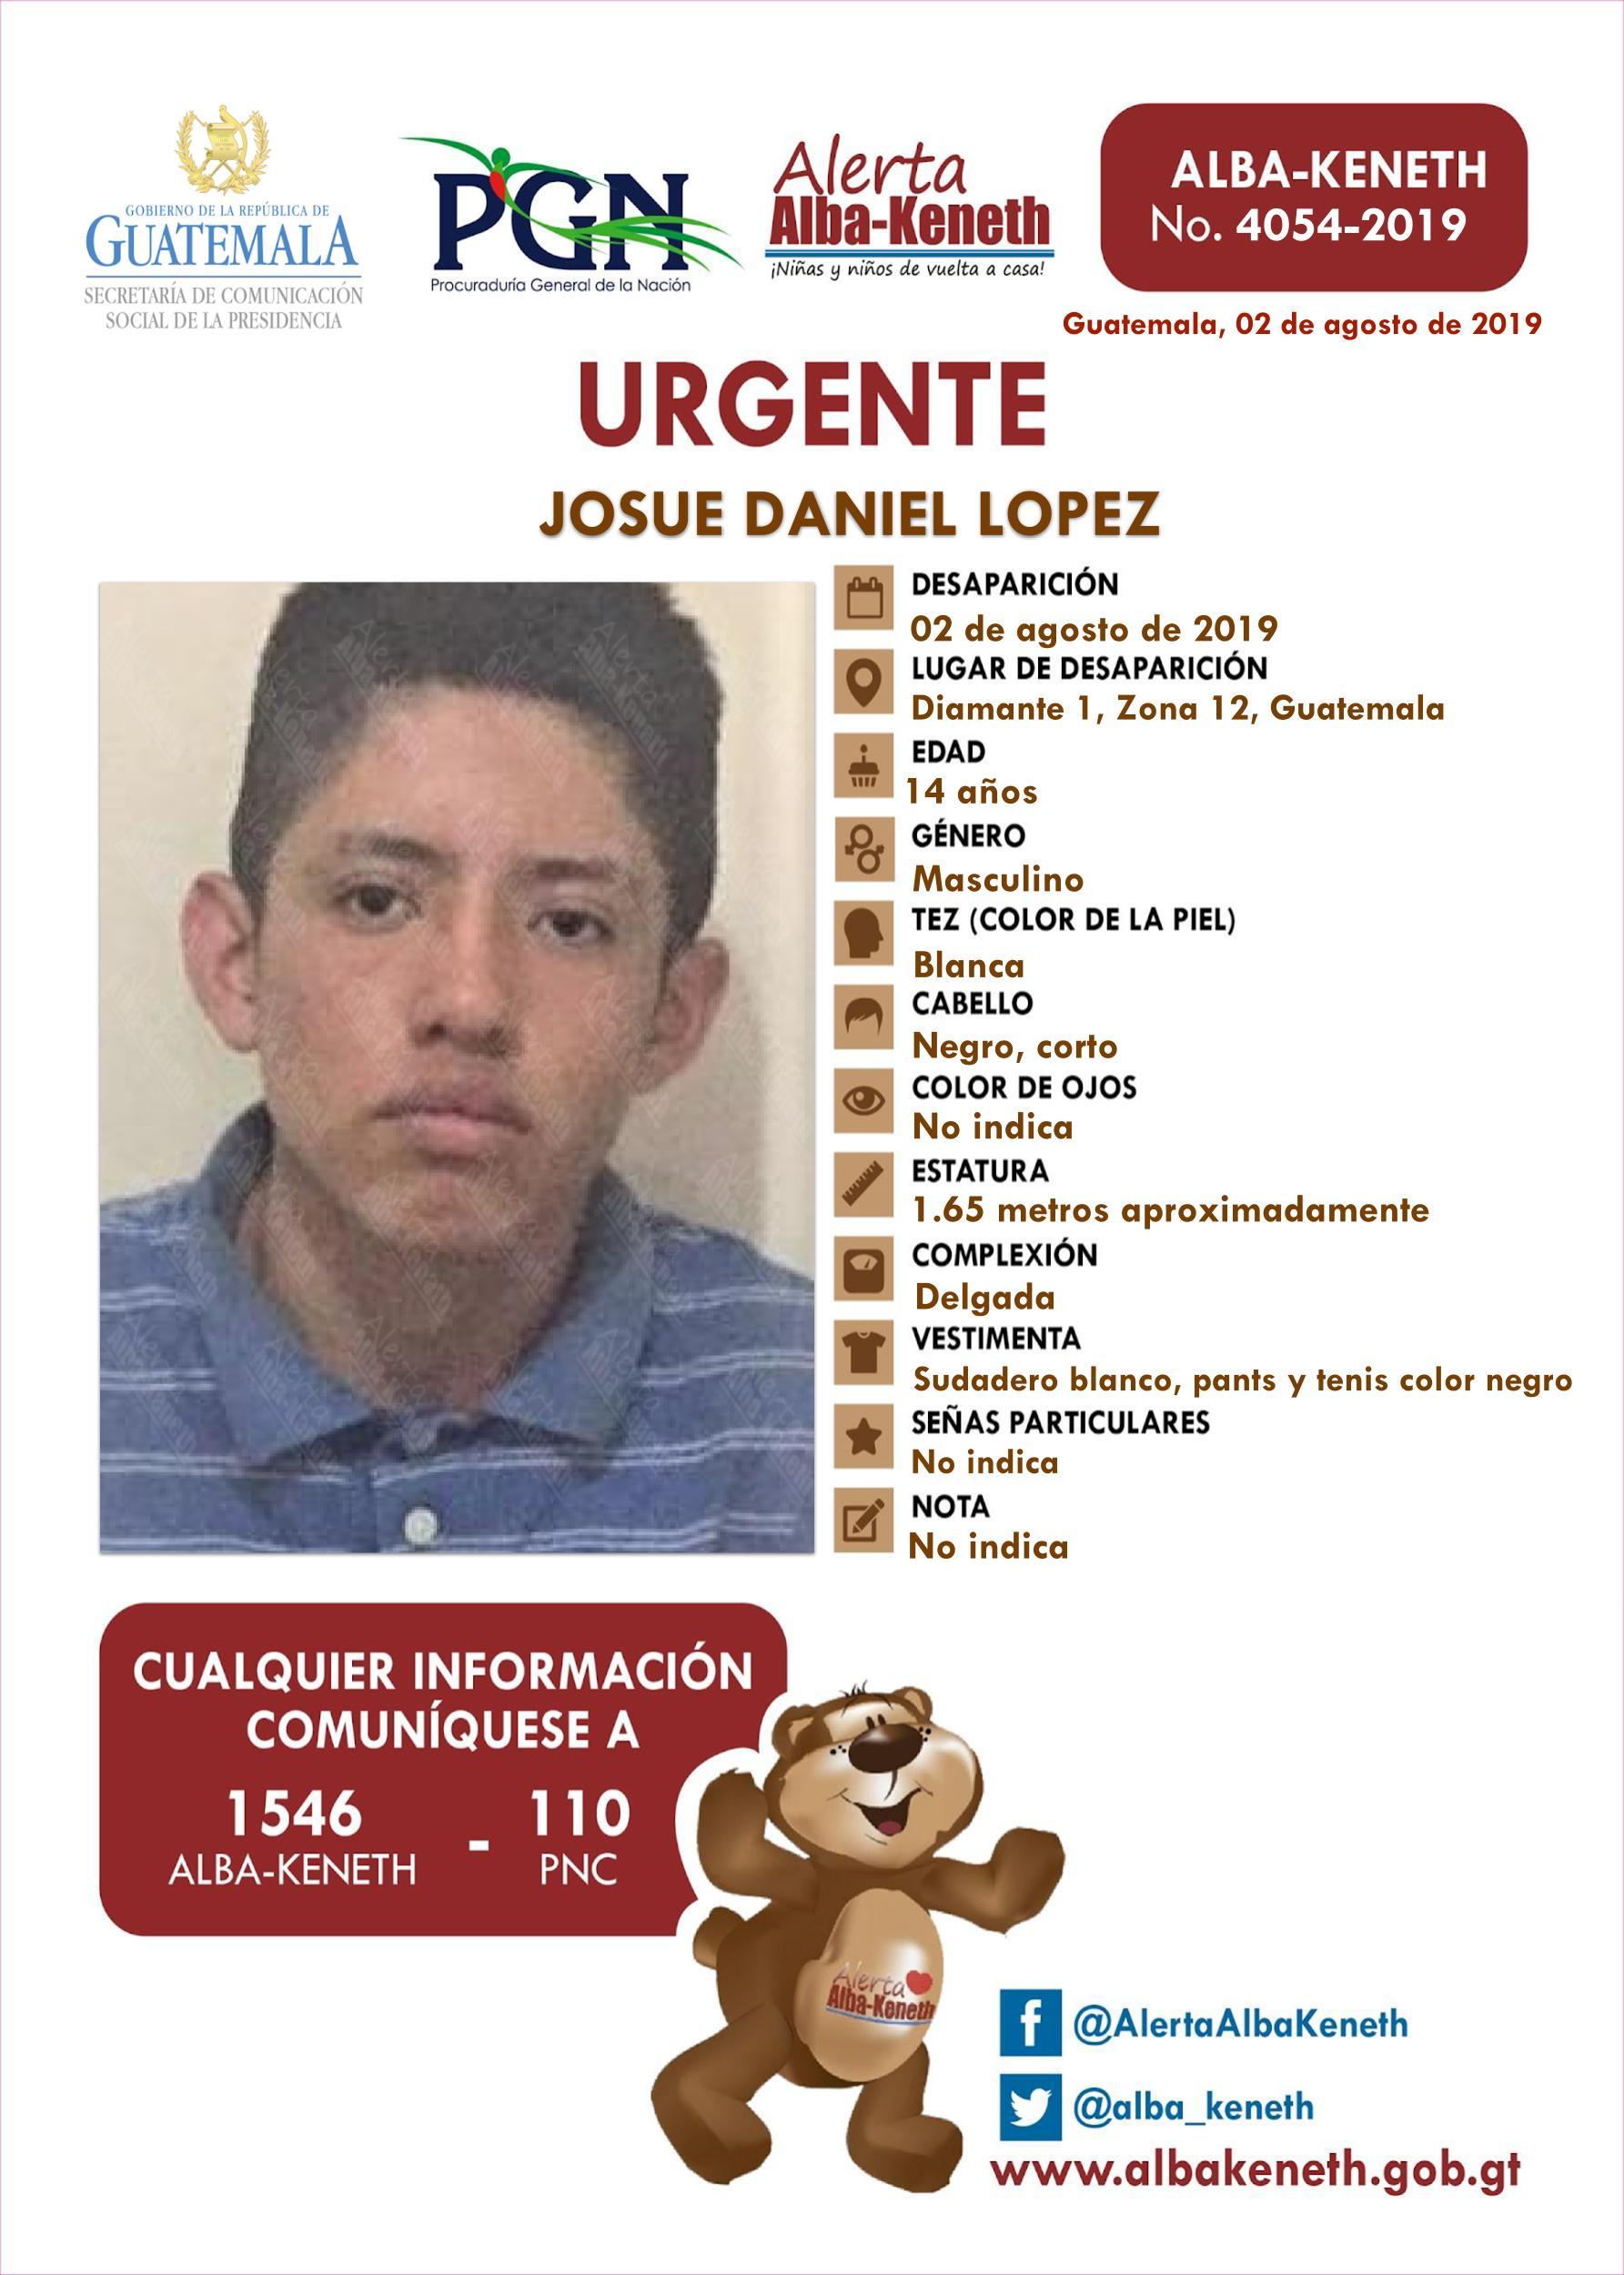 Josue Daniel Lopez